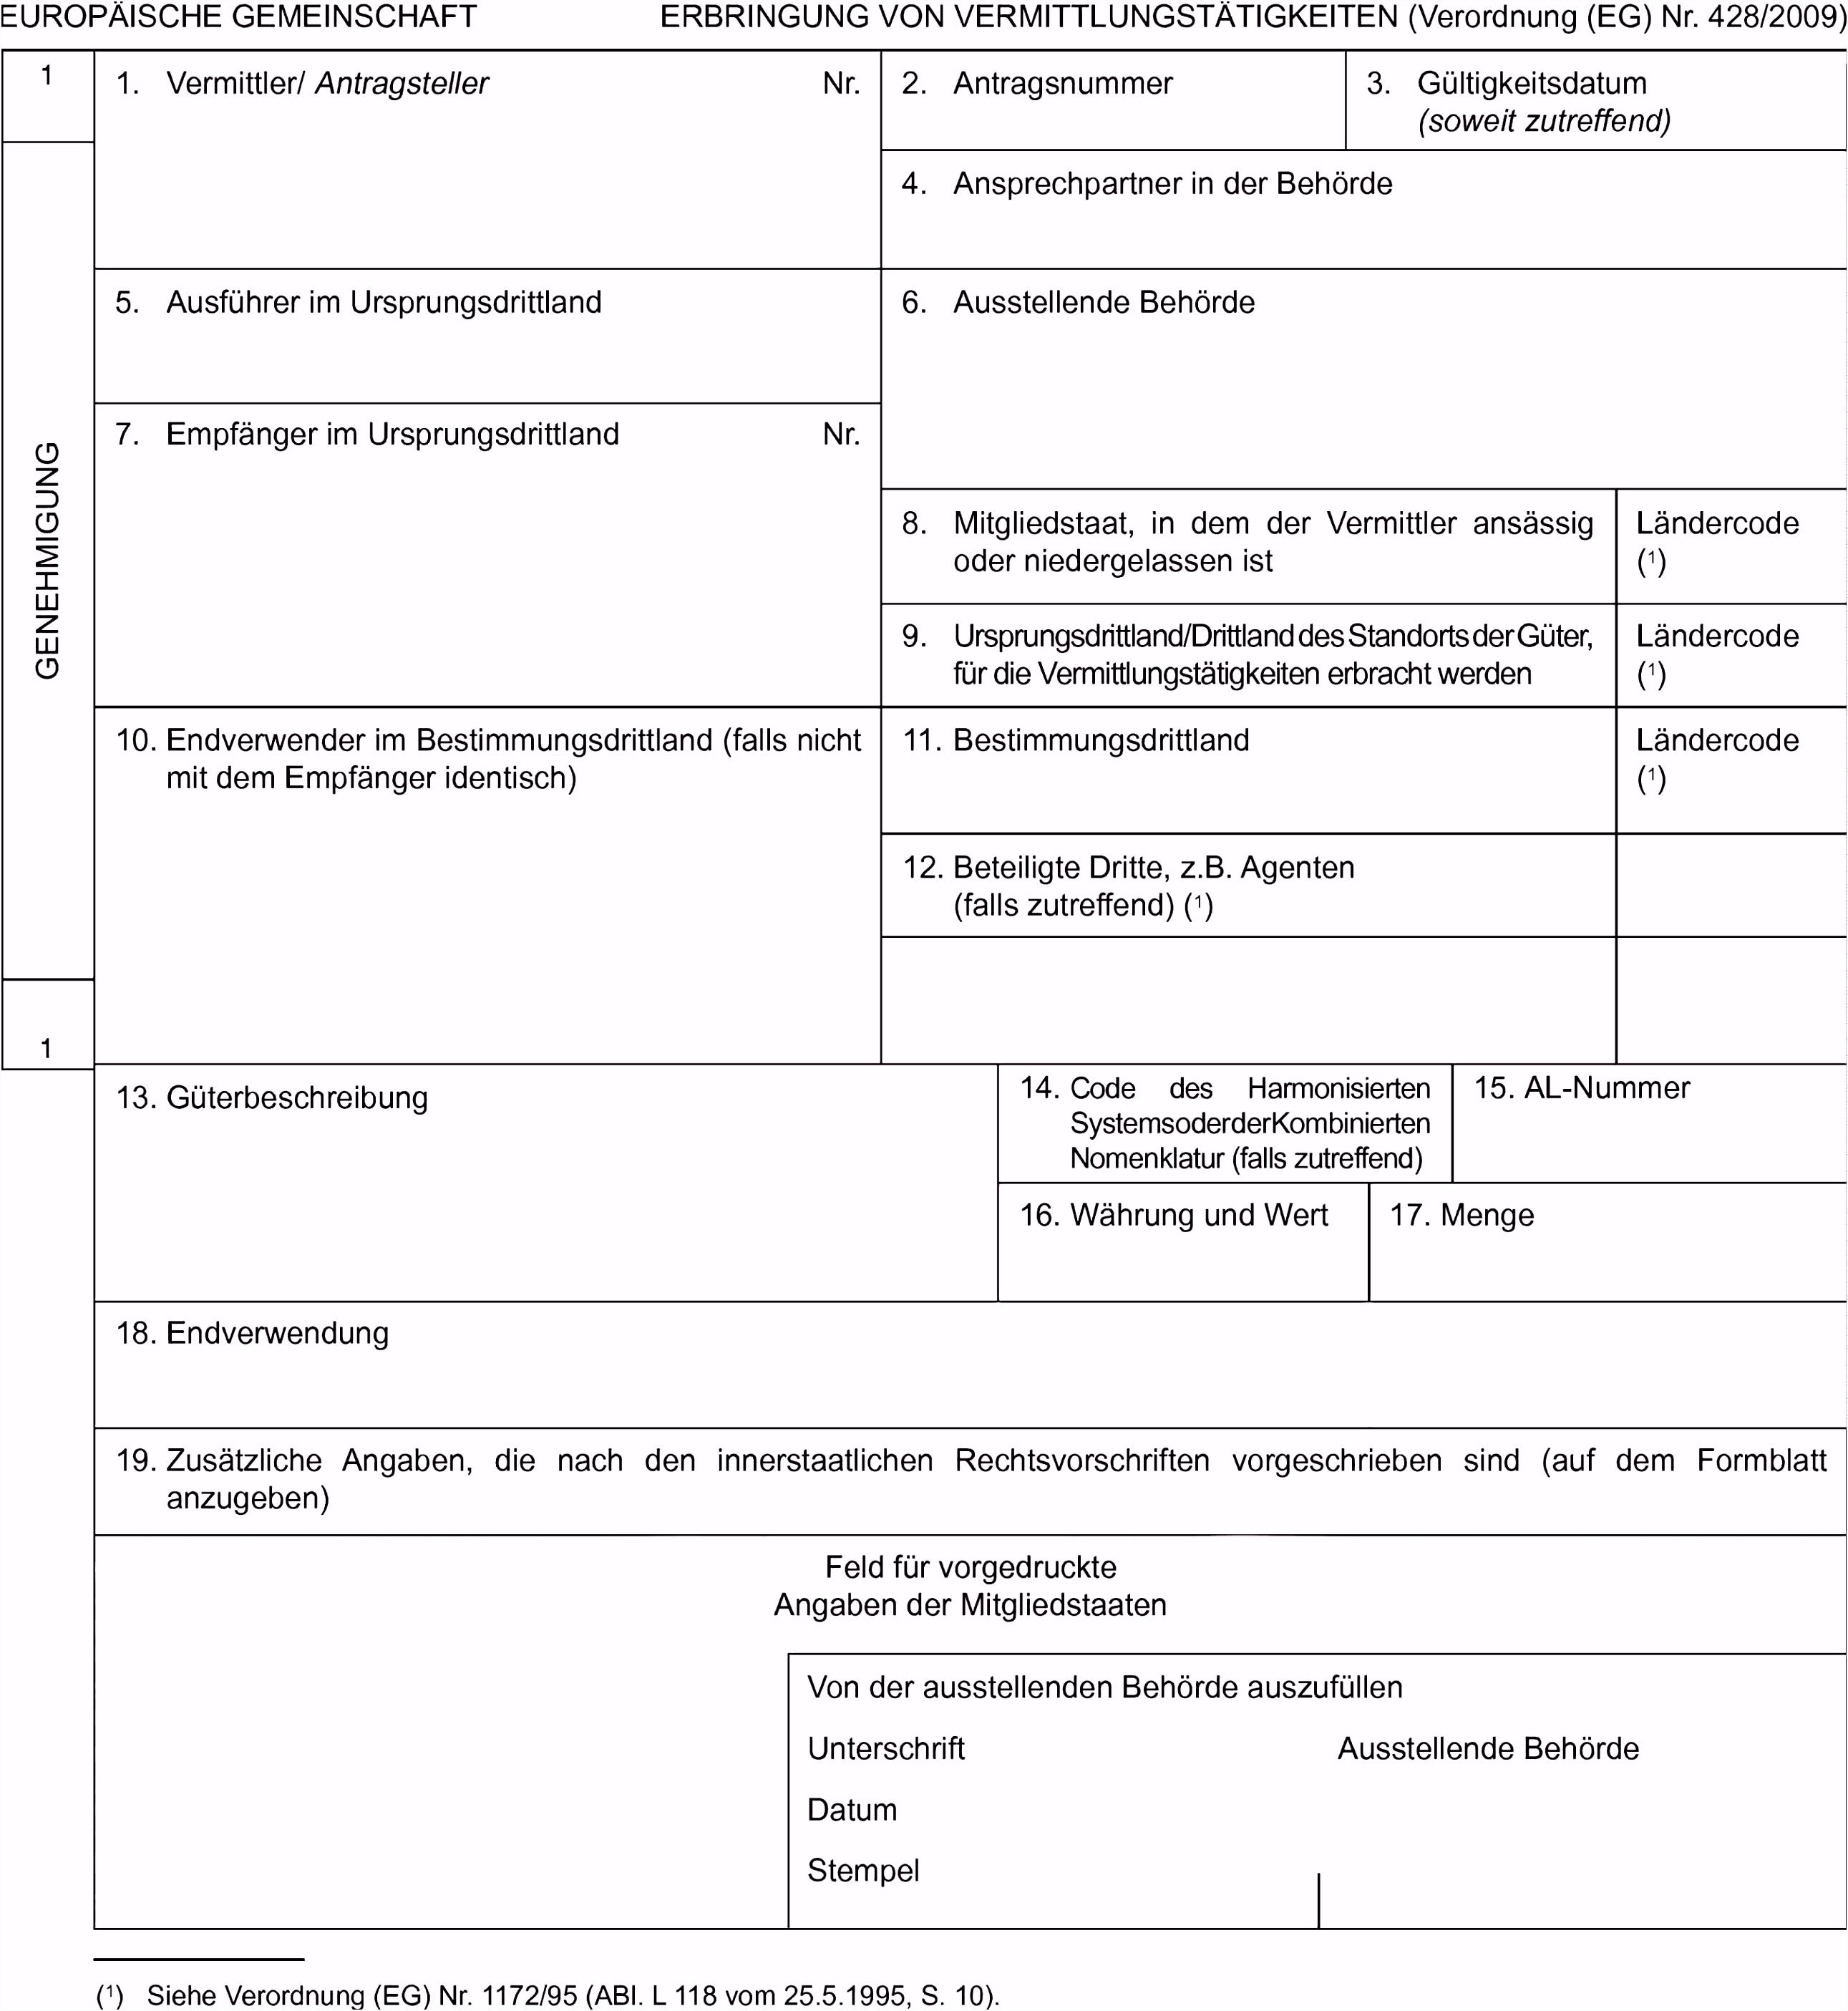 Vorlage Fuhrerscheinkontrolle 25 Stromvertrag Umschreiben Vorlage Qtaiow I7nq73kam7 Qvwk0uooa0